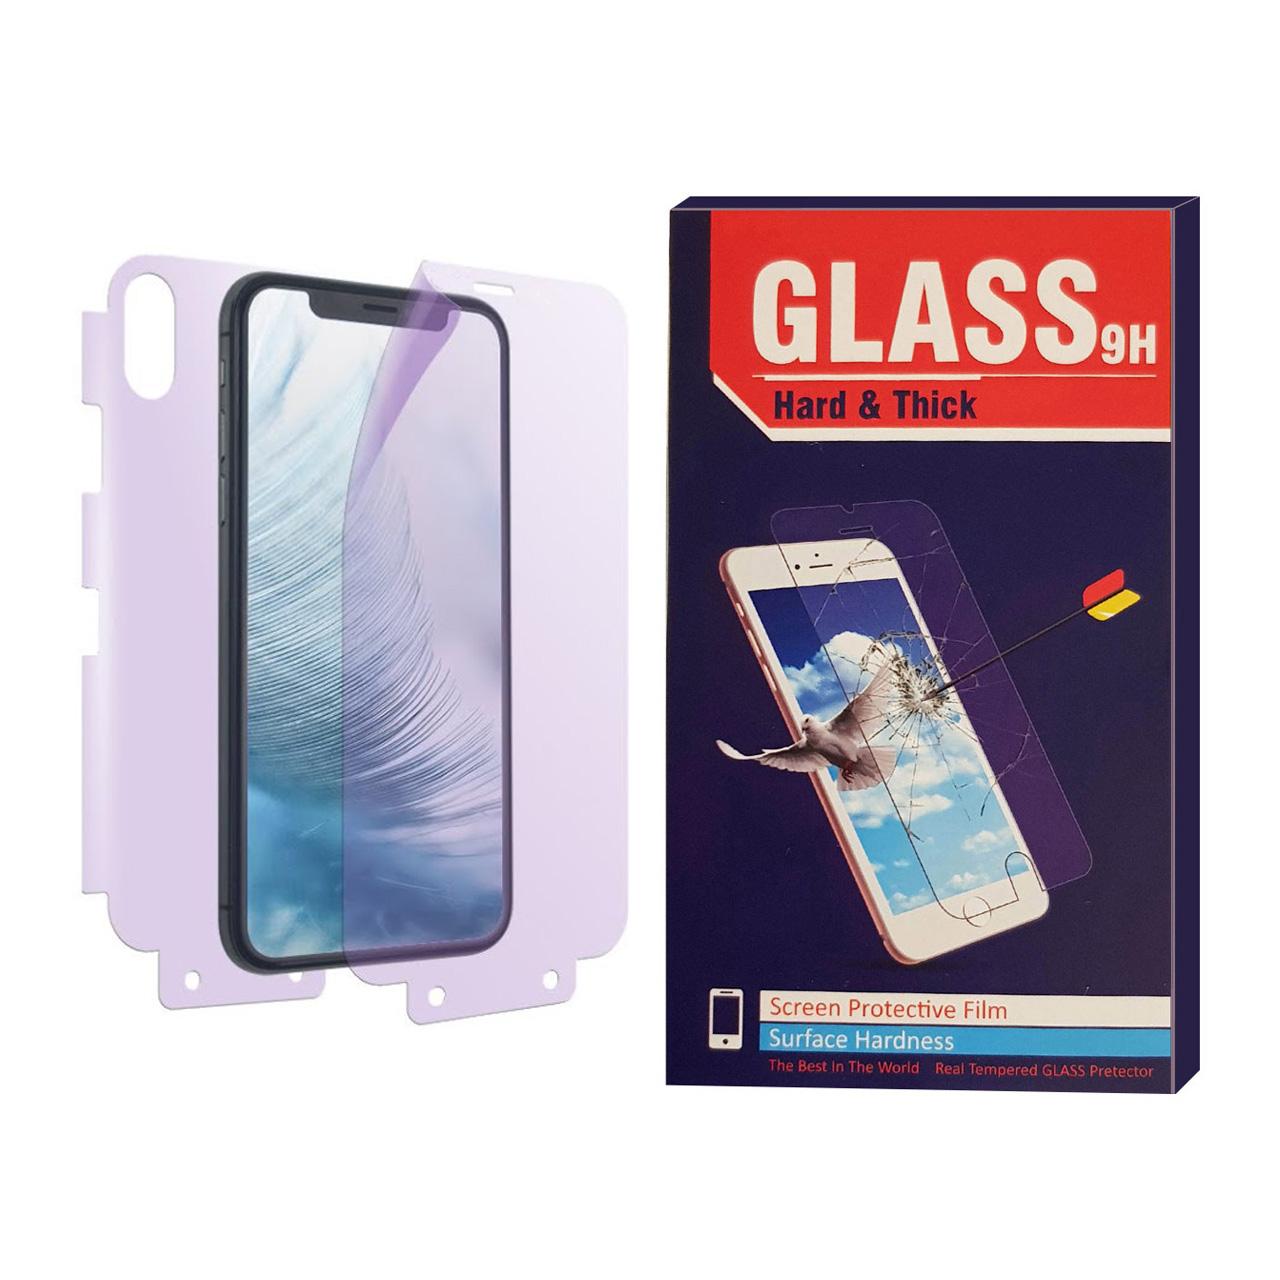 محافظ صفحه نمایش و پشت گوشی مدل Hard and thick BEST1 مناسب برای گوشی موبایل اپل Iphone XR